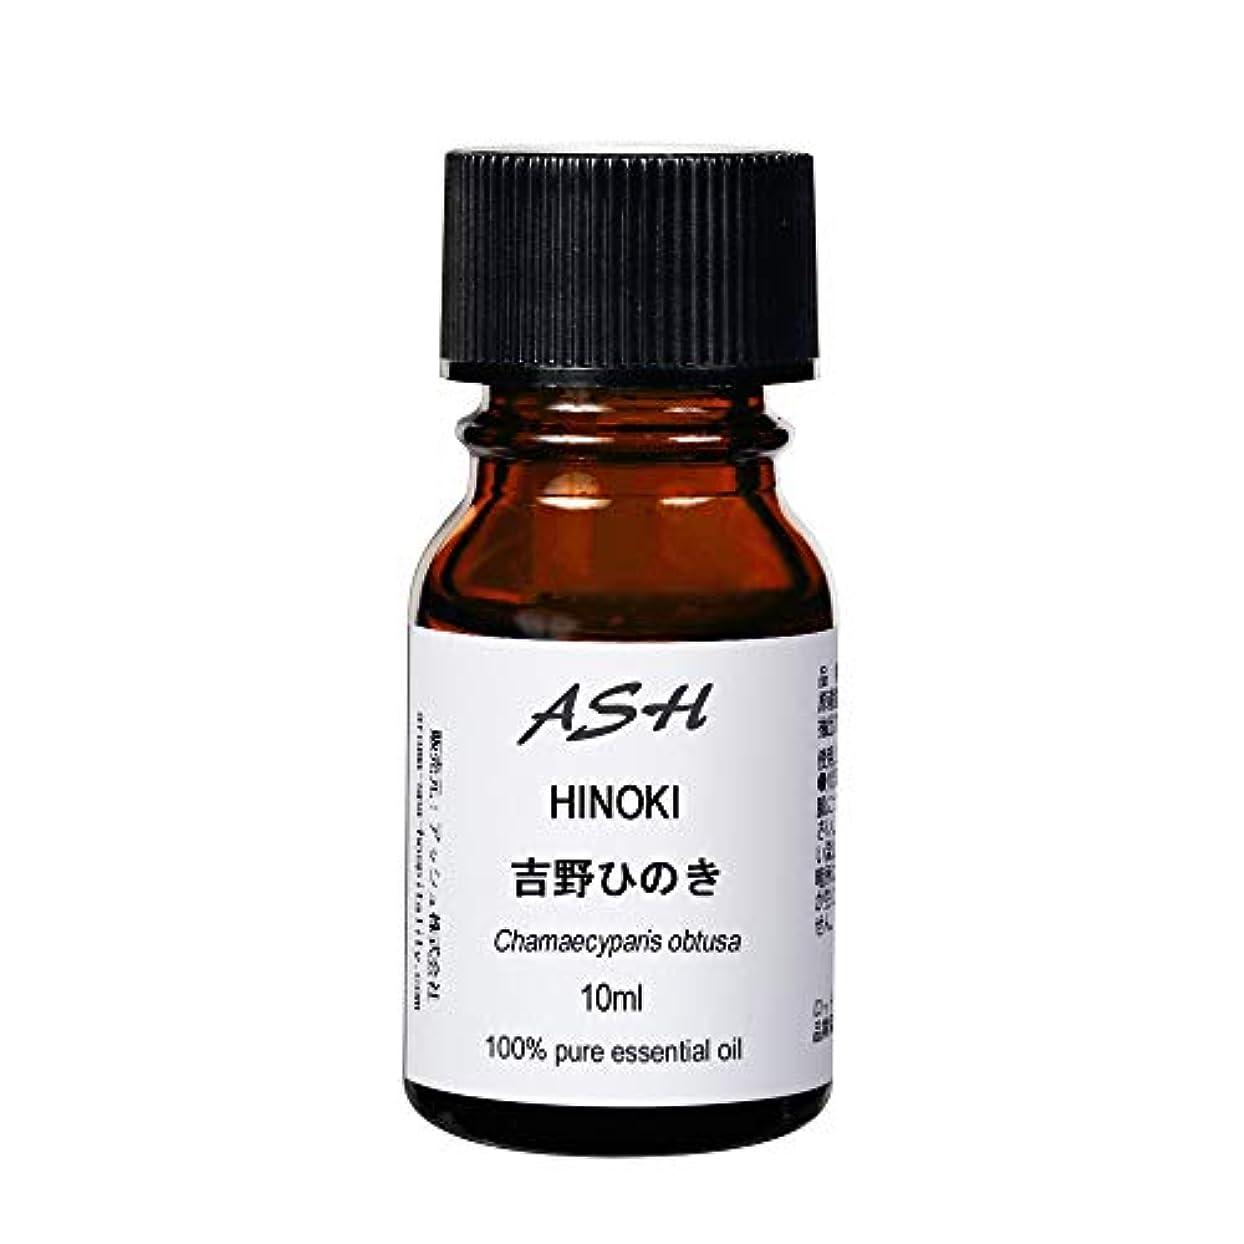 発揮する思い出す歌ASH 吉野ひのき エッセンシャルオイル 10ml AEAJ表示基準適合認定精油 和精油